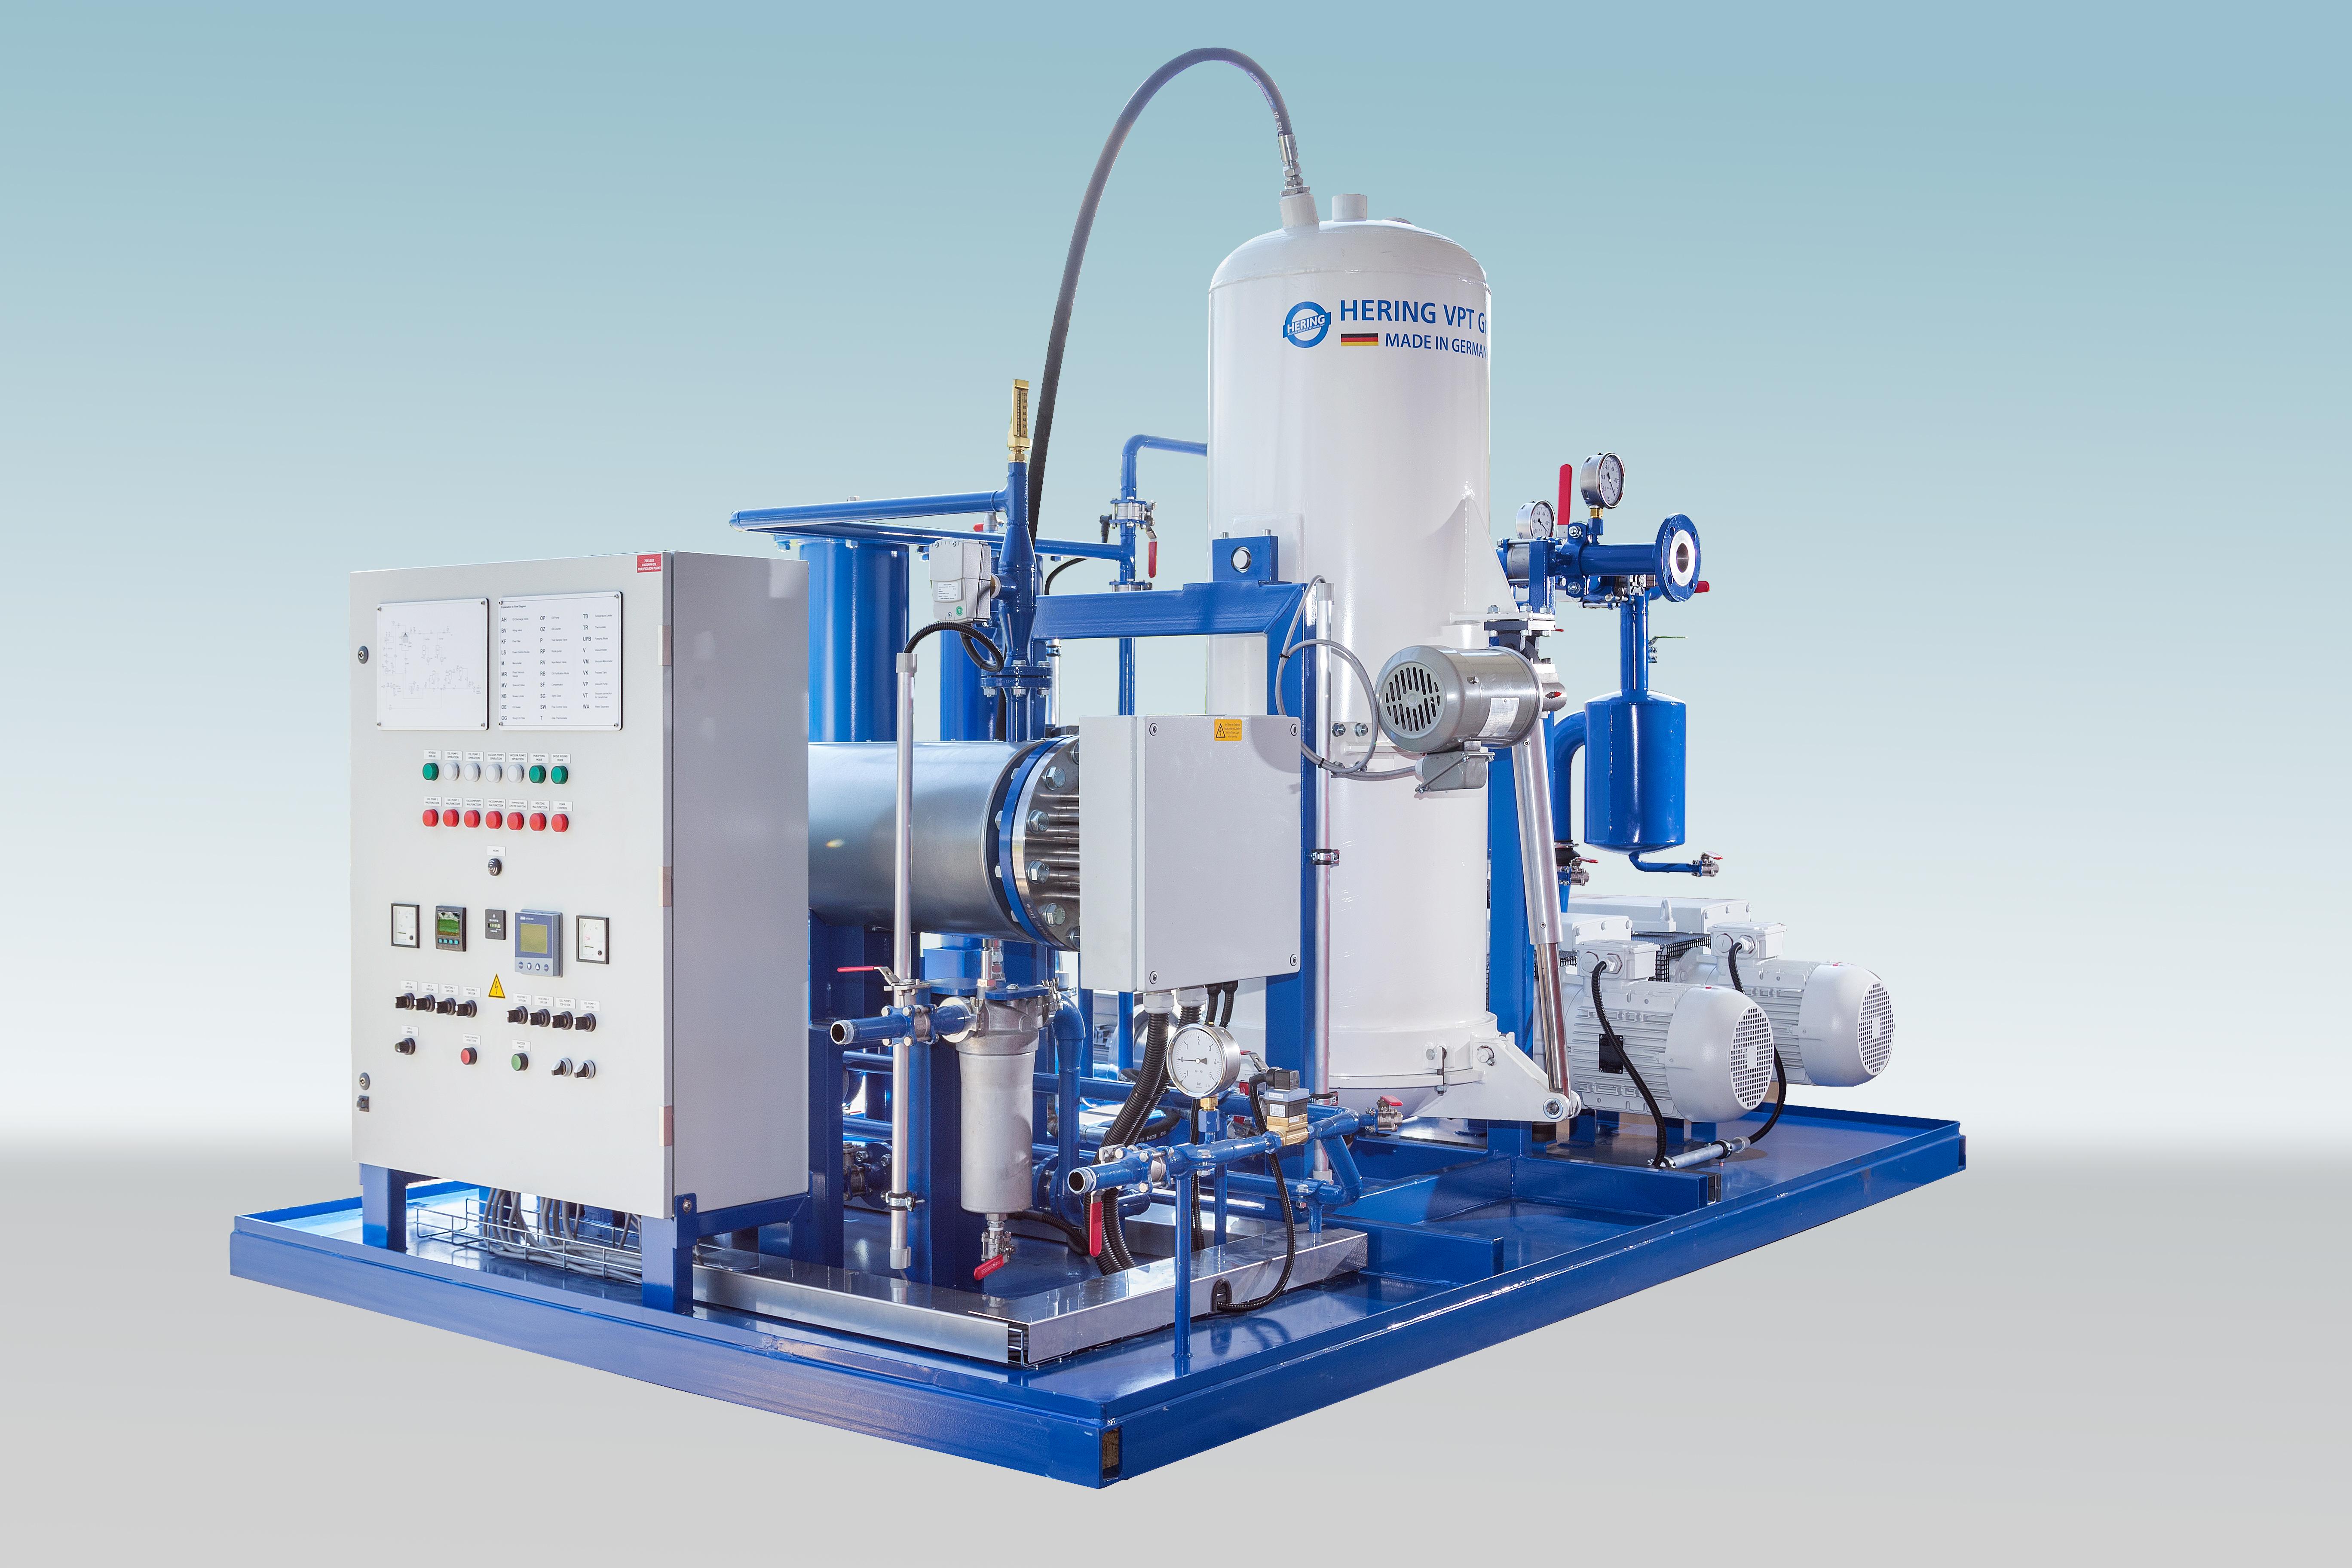 Hering EOK 3000 transformer oil degasification plant 1